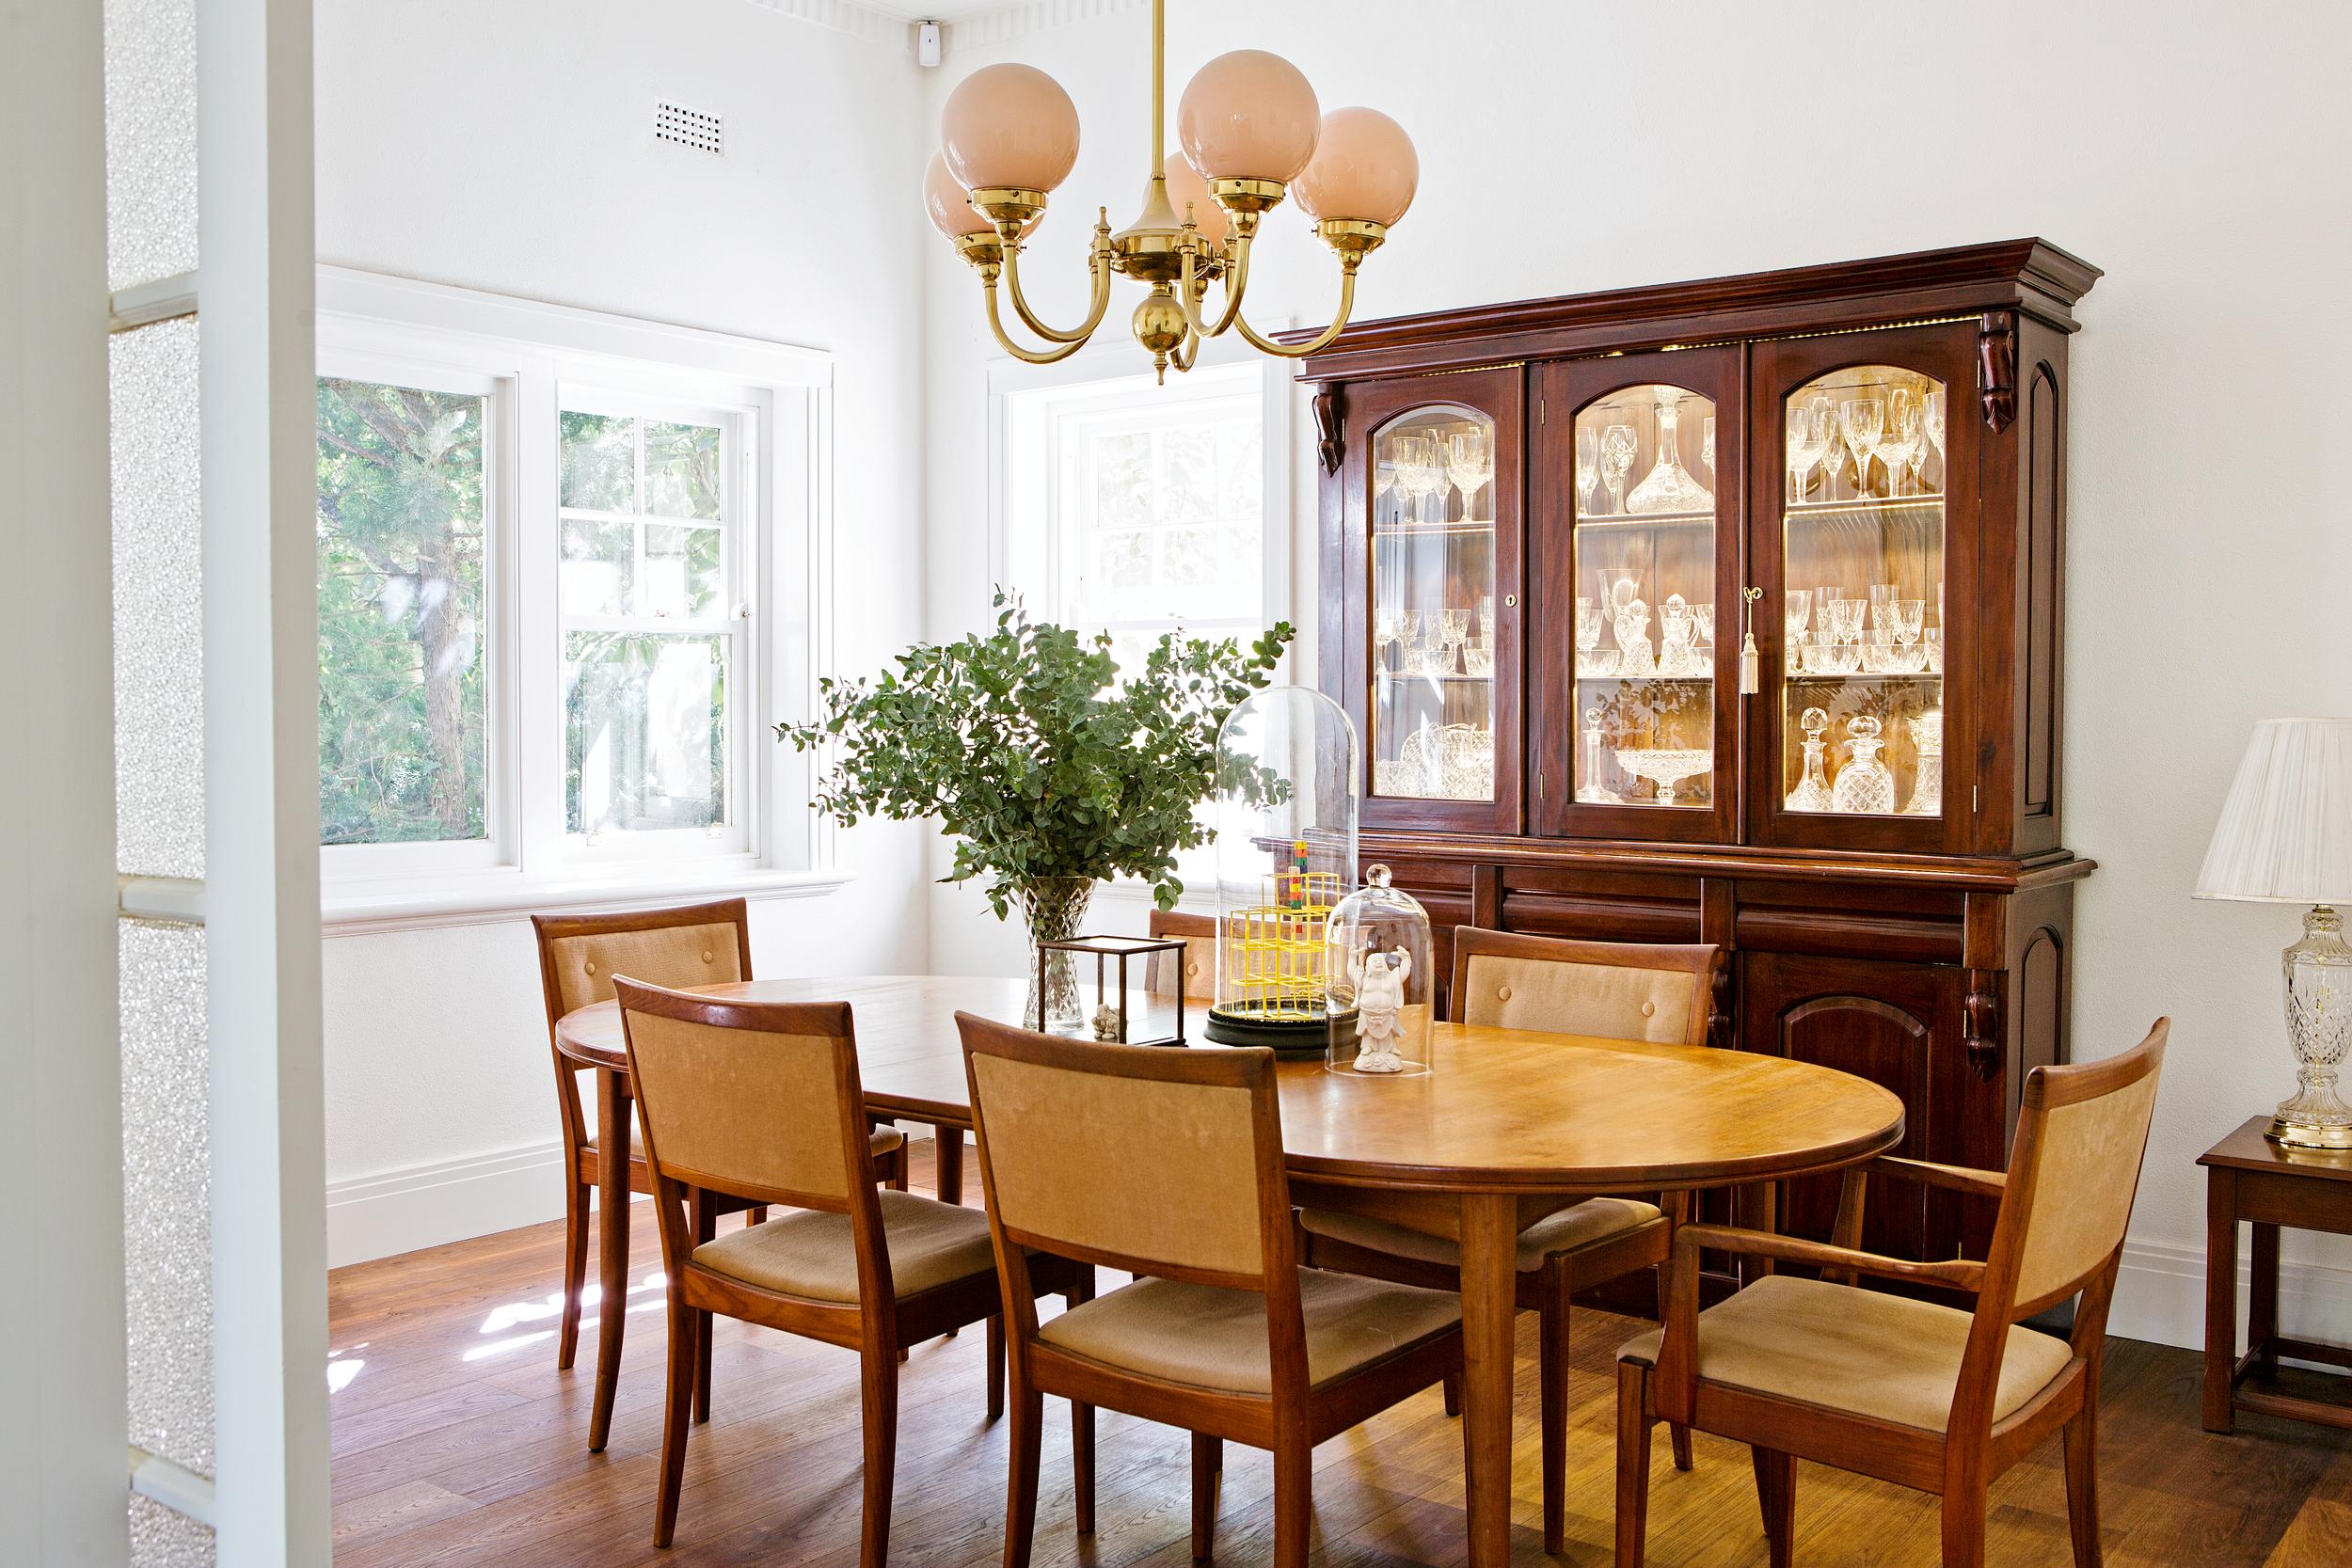 RESTORED ORIGINAL DINING ROOM